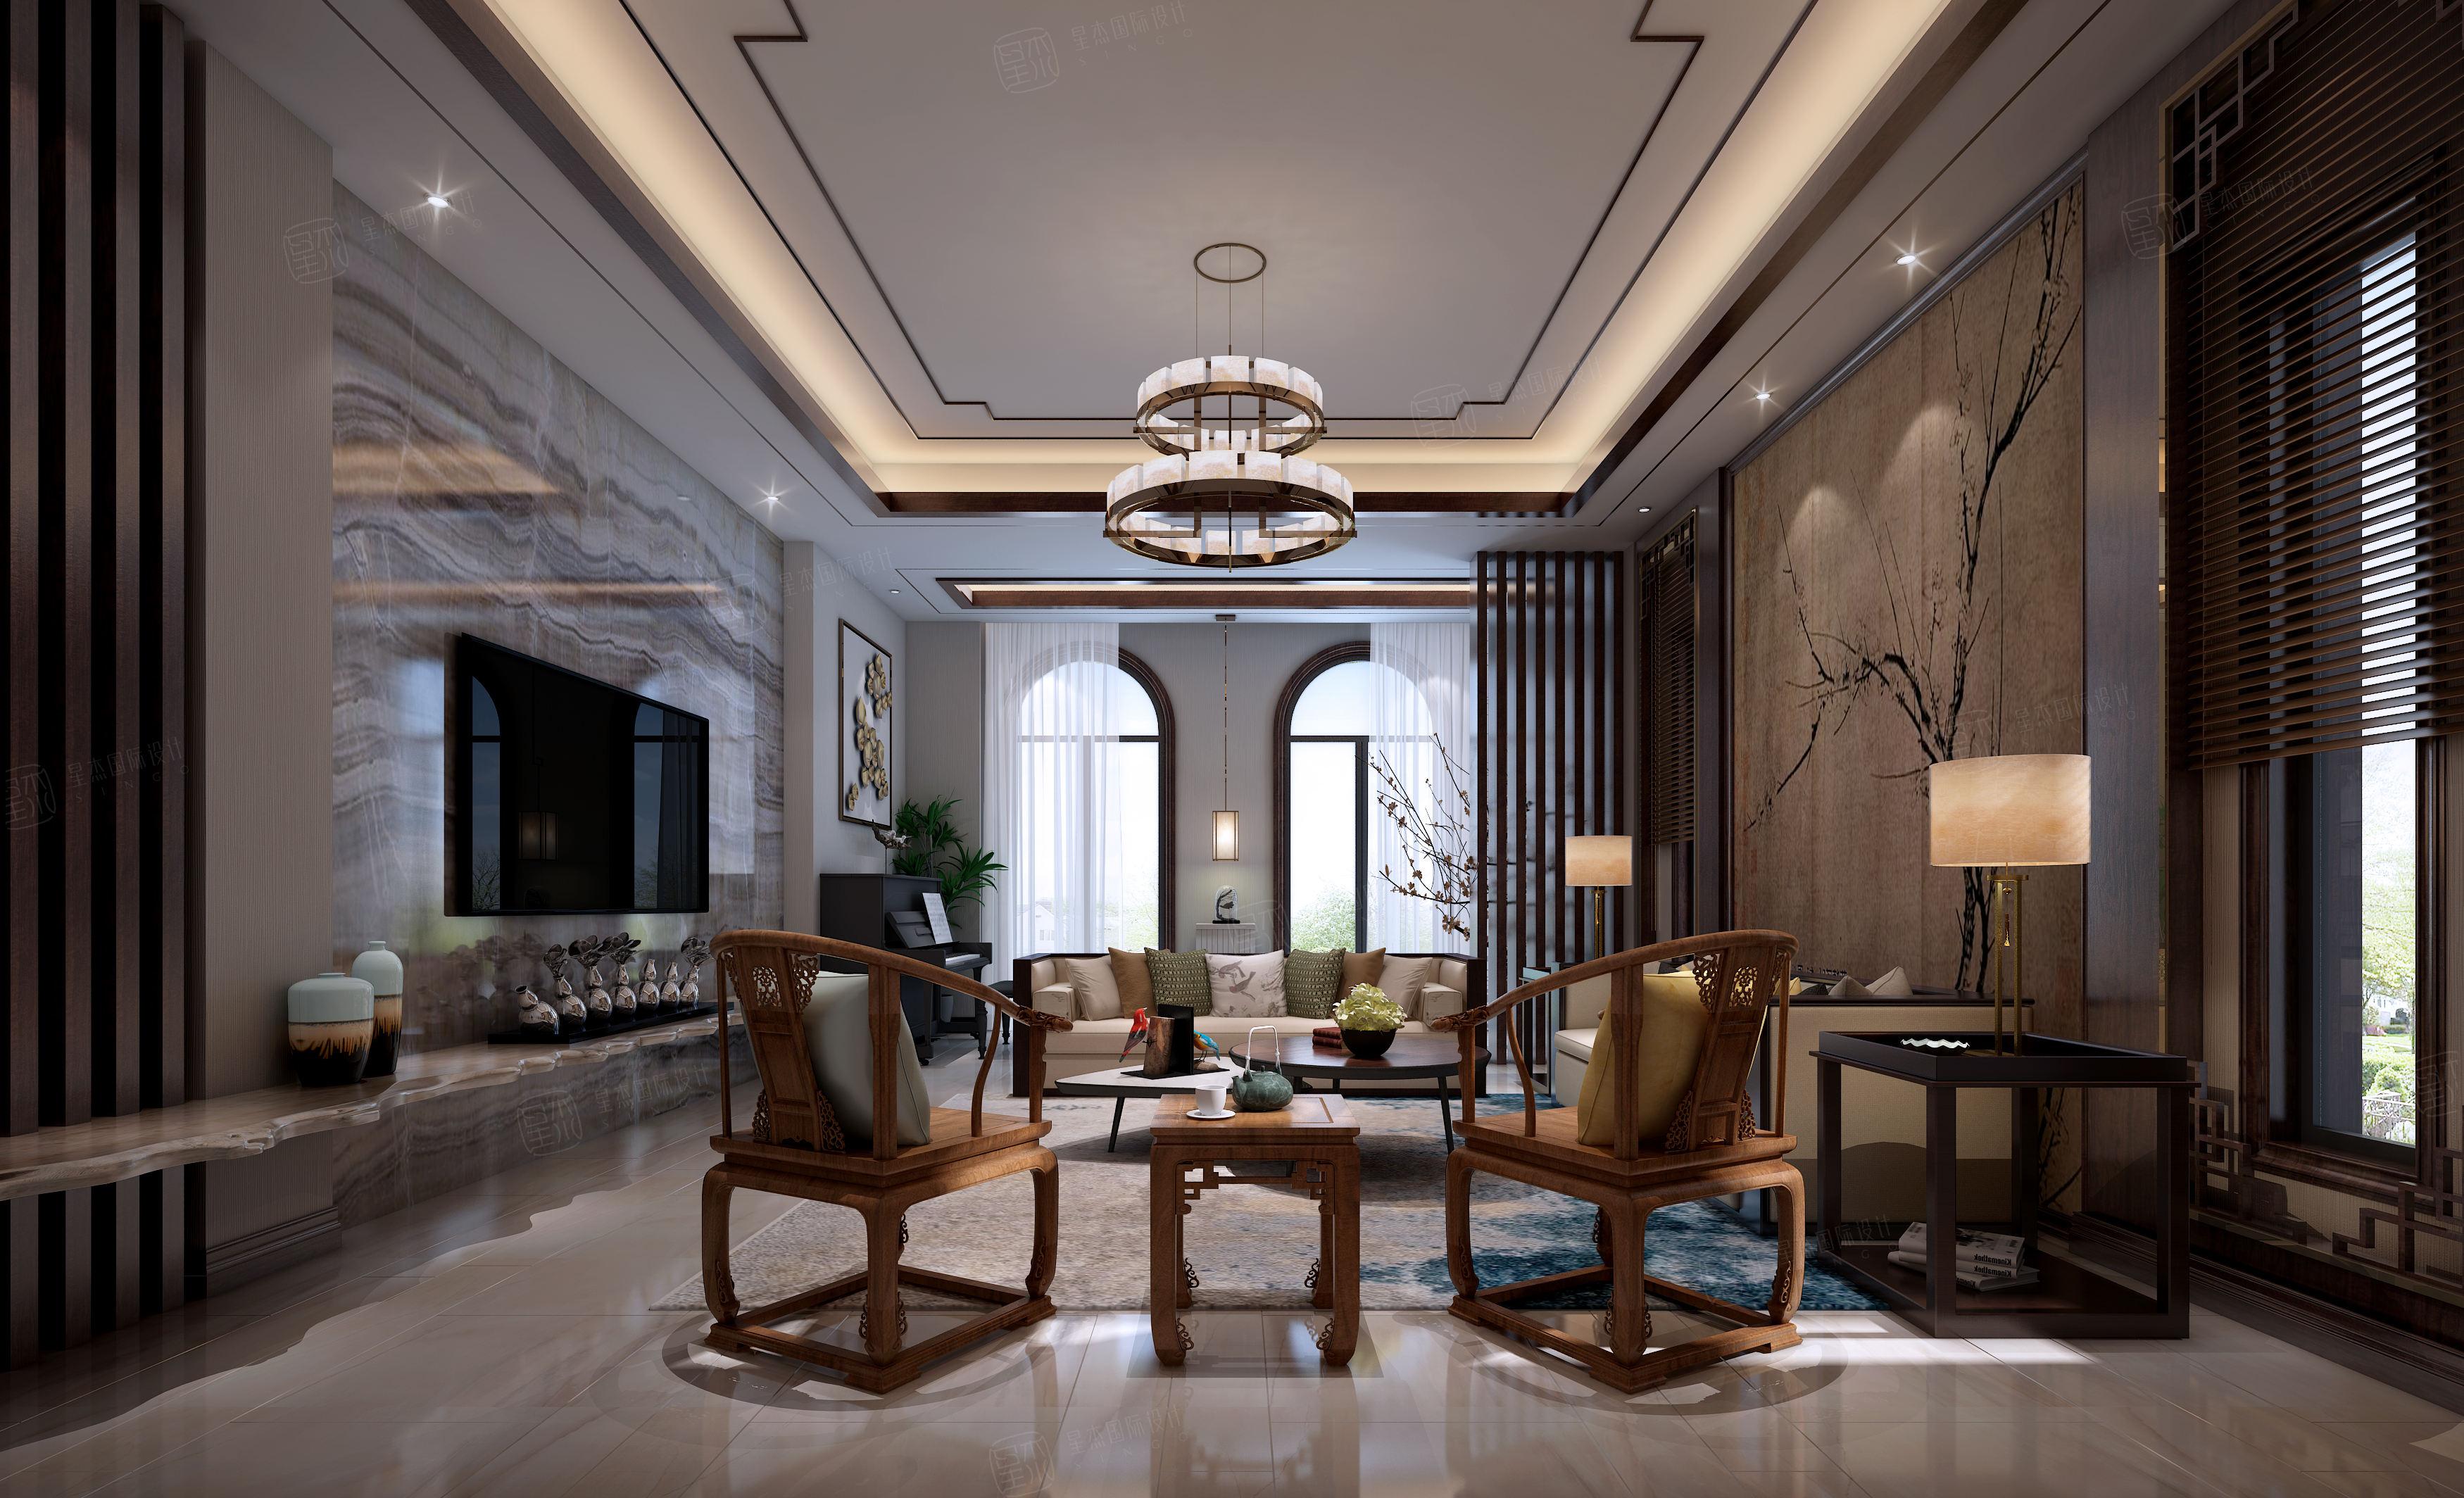 雅戈尔璞墅_现代与古典的融合装修客厅效果图